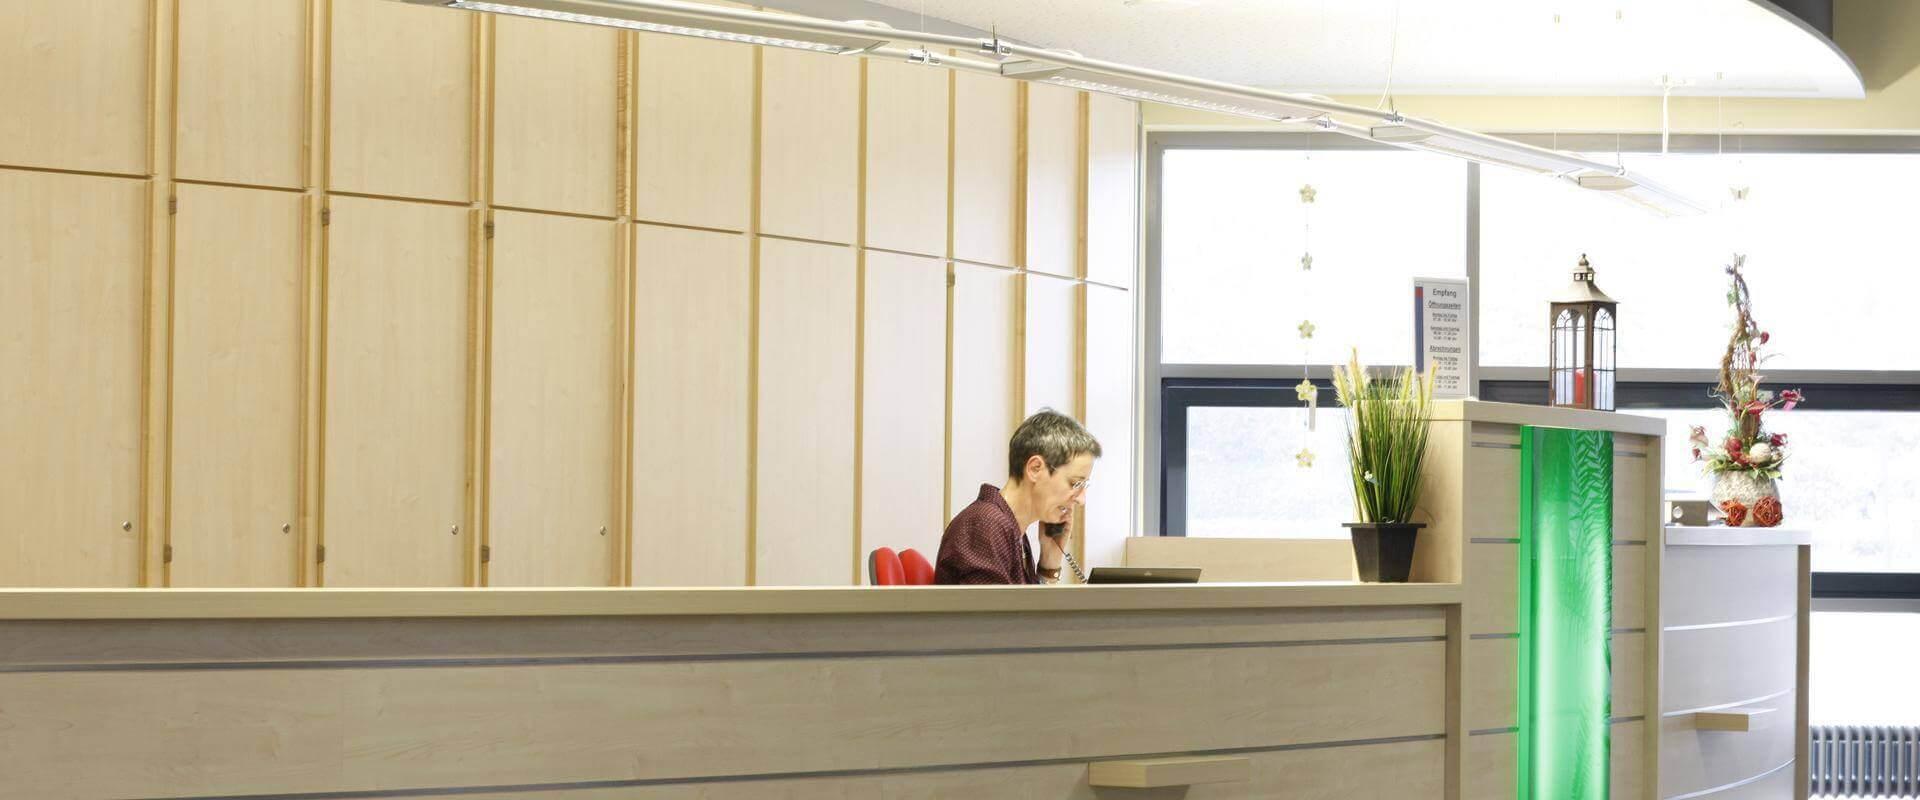 Anmeldung und Aufnahme in der MEDIAN Klinik Gyhum